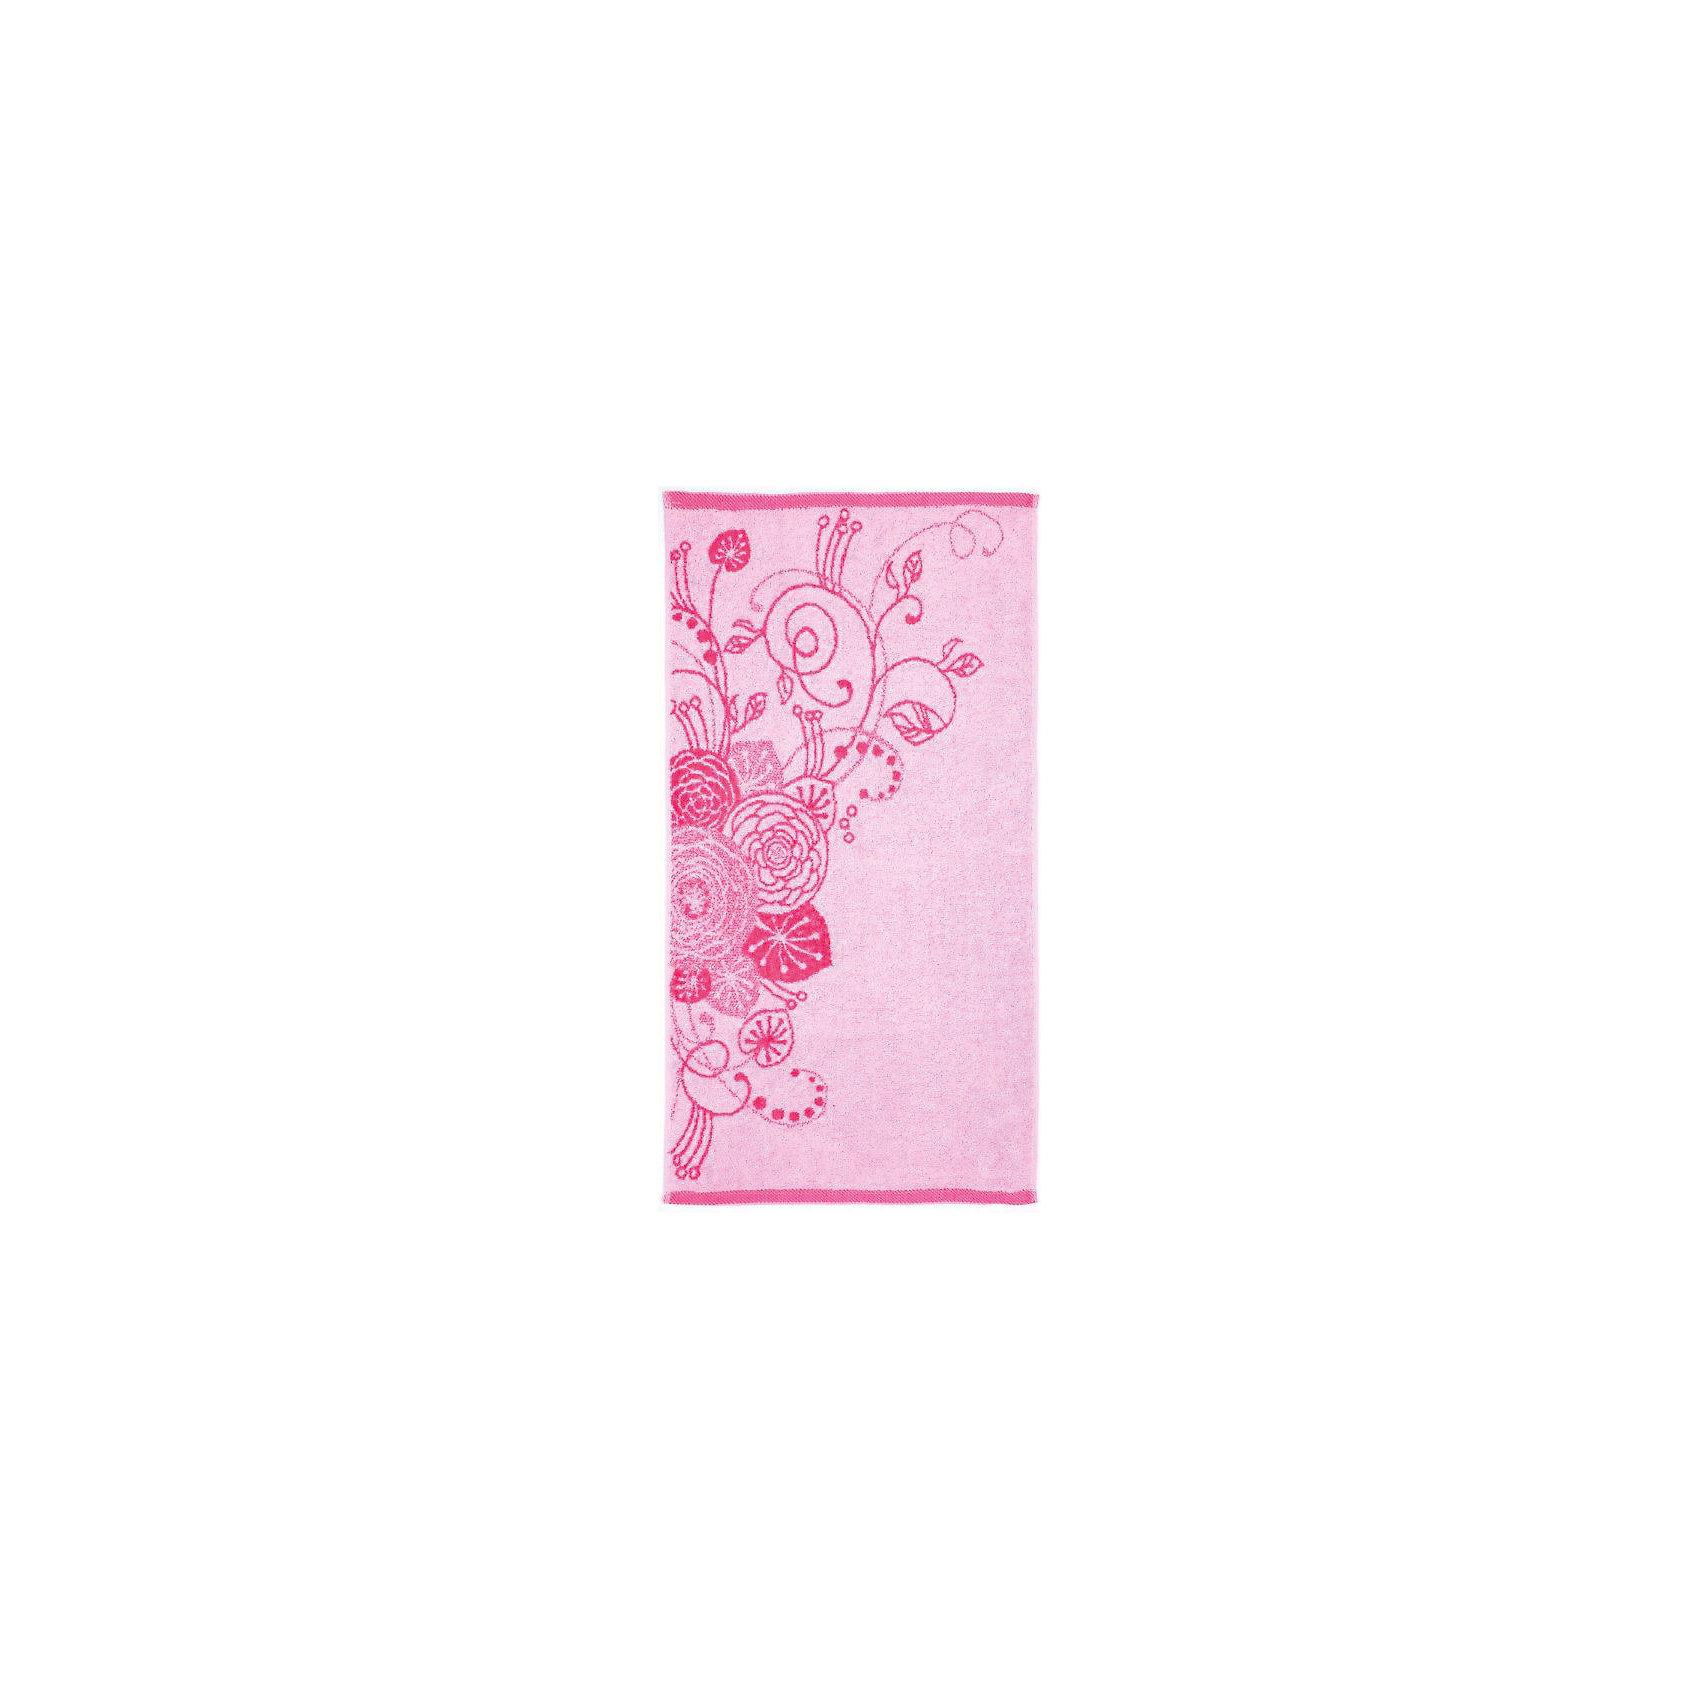 Полотенце махровое Лютики 35*70, Любимый дом, розовыйЛютики - мягкое махровое полотенце. Оно выполнено из качественного хлопка. Безопасные и стойкие красители, использованные при изготовлении, позволят полотенцу не потерять цвет даже после множества стирок. Полотенце украшено вышивкой в виде цветов. Отлично впитывает влагу и непременно добавит уют вашей ванной комнате.<br><br>Дополнительная информация:<br>Материал: 100% хлопок<br>Размер: 35х70 см<br>Цвет: розовый<br>Торговая марка: Любимый дом<br><br>Махровое полотенце Лютики можно приобрести в нашем интернет-магазине.<br><br>Ширина мм: 500<br>Глубина мм: 500<br>Высота мм: 200<br>Вес г: 100<br>Возраст от месяцев: 0<br>Возраст до месяцев: 144<br>Пол: Унисекс<br>Возраст: Детский<br>SKU: 5010925